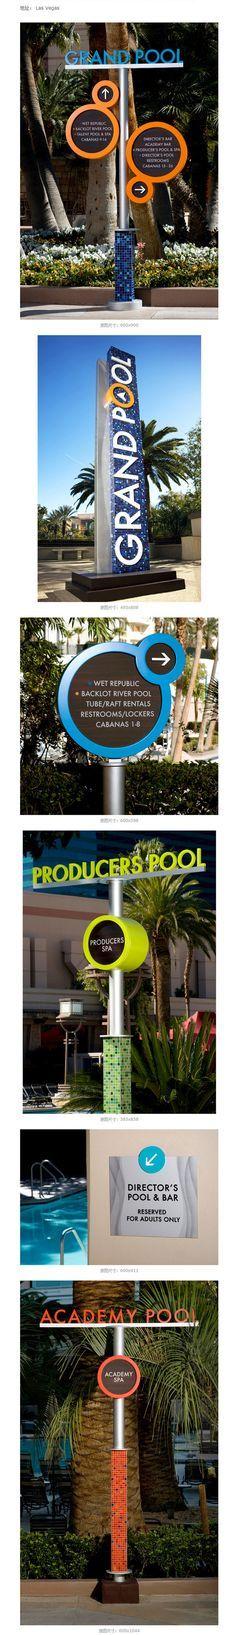 MGM豪华酒店(泳池部分)导视系统设计